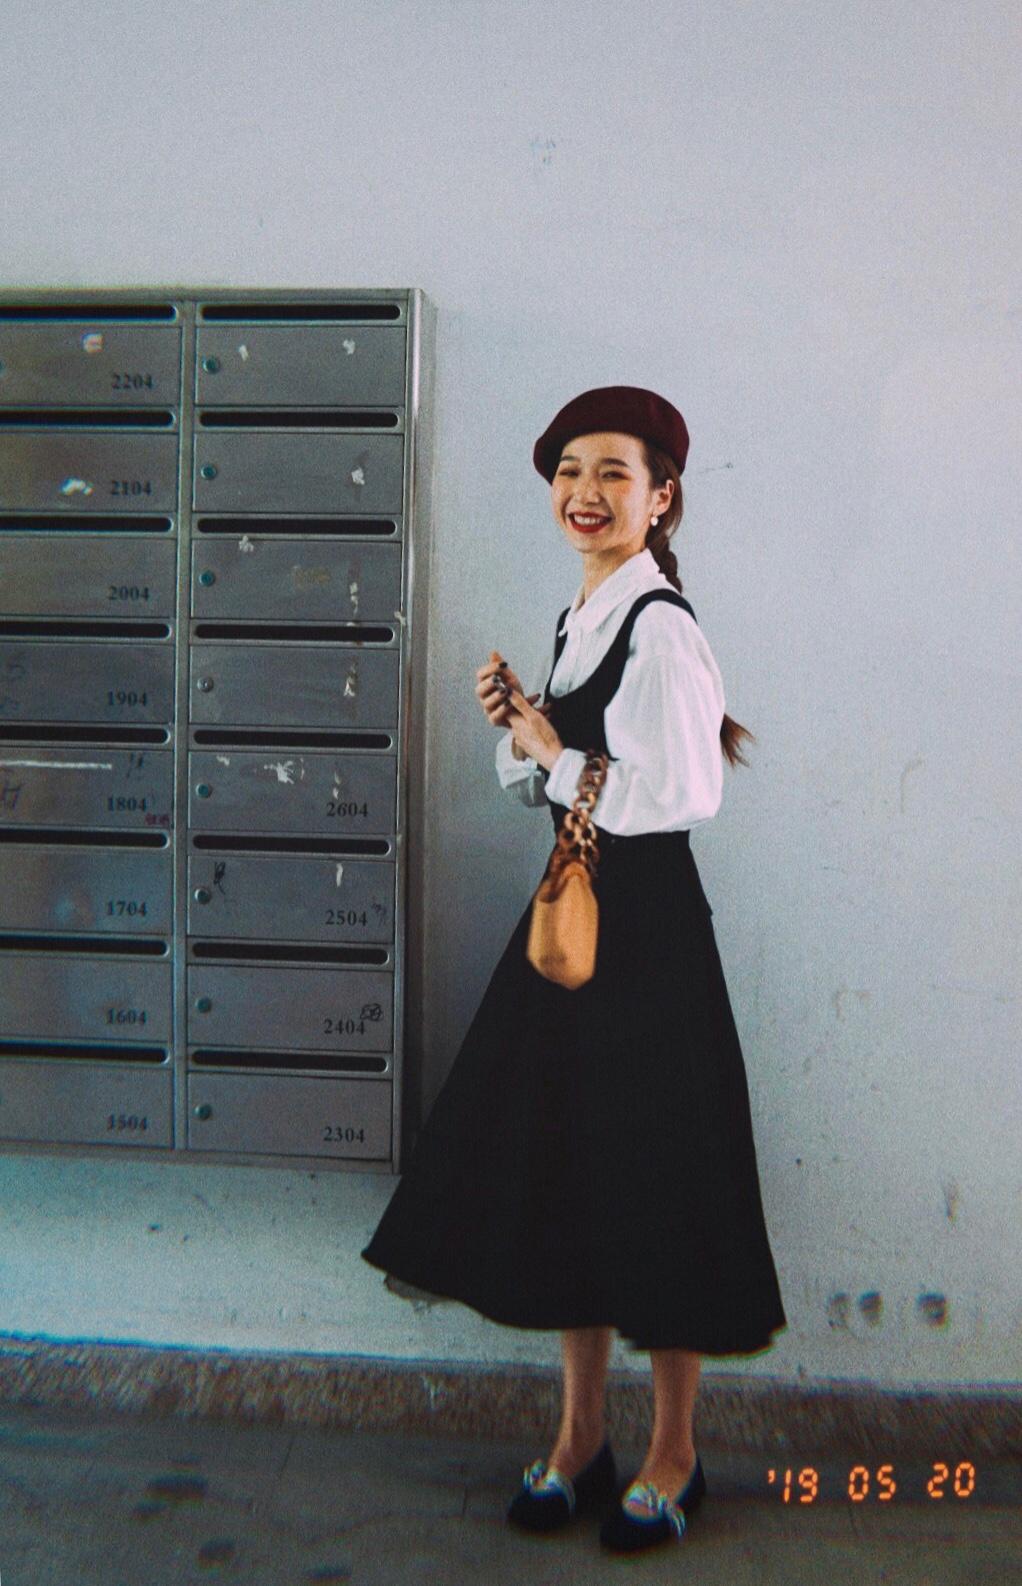 """#黄皮友好色,变行走反光板!#  经典的""""黑白配"""",一定不会出错。黄皮女孩也可以轻松驾驭哦。白色宫廷袖衬衣复古可爱,搭配背带裙,是文艺少女没错啦。"""